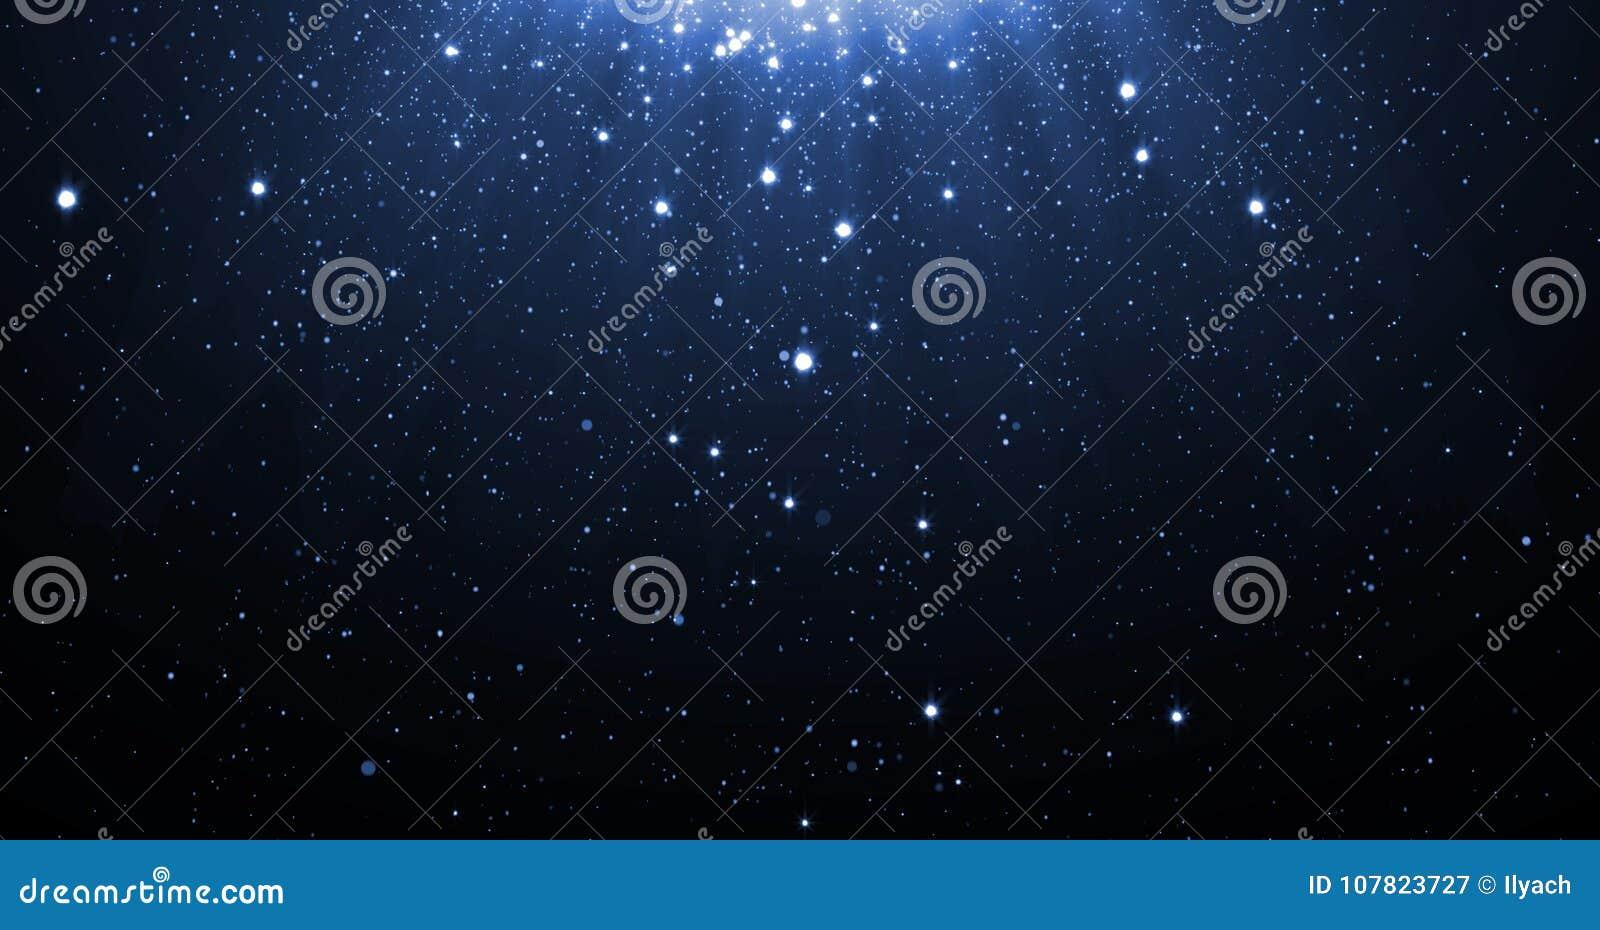 Het blauw schittert deeltjesachtergrond met glanzende neonsterren die neer en licht gloed of glansbekledingseffect hierboven voor